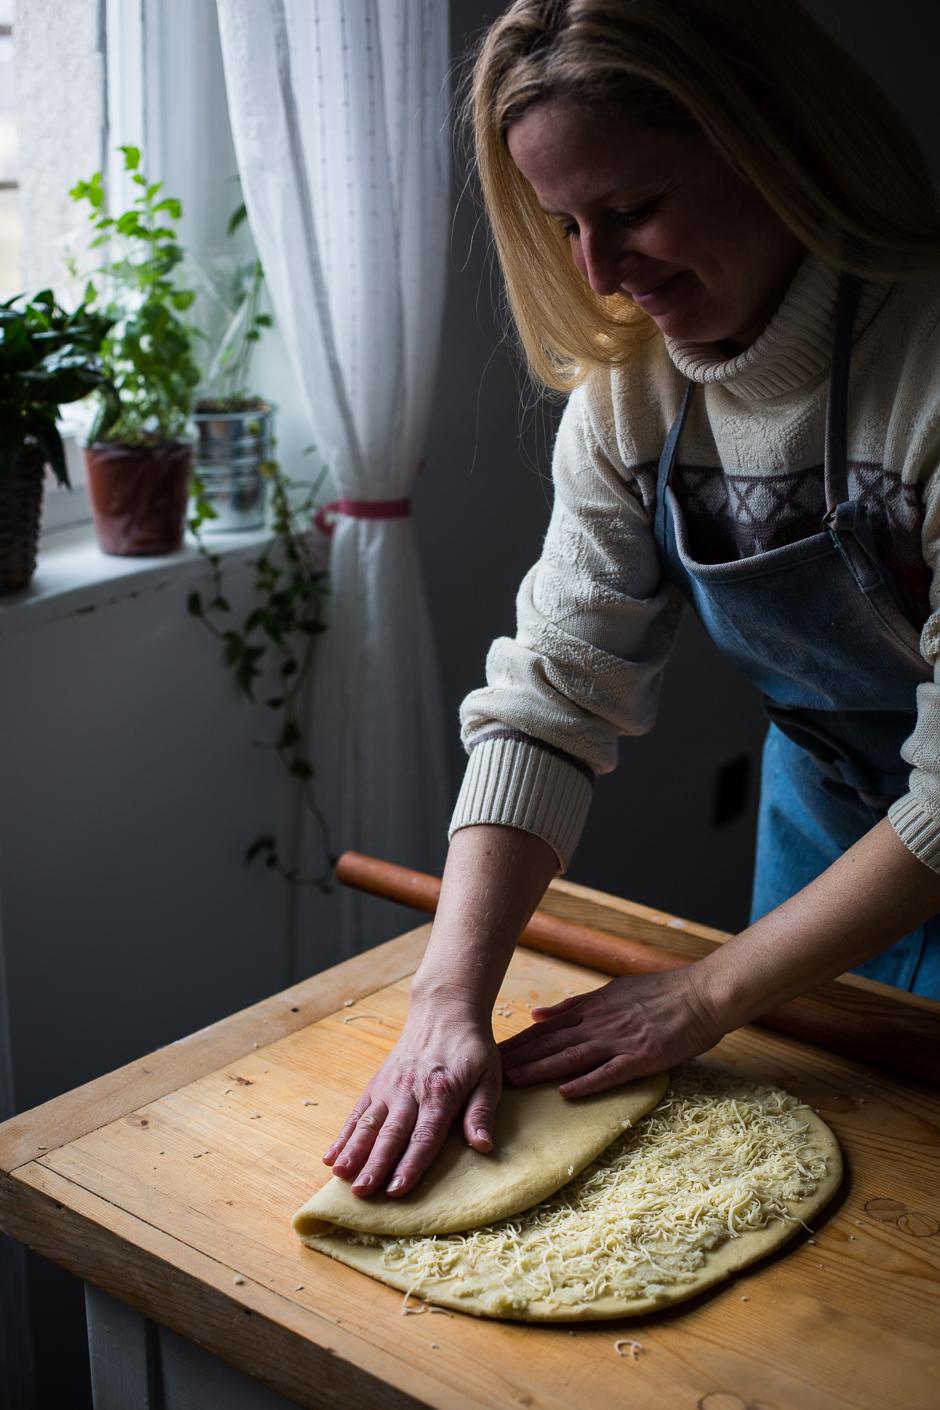 burgonyás pogácsa az Emlékek Íze konyhájából www.emlekekize.hu